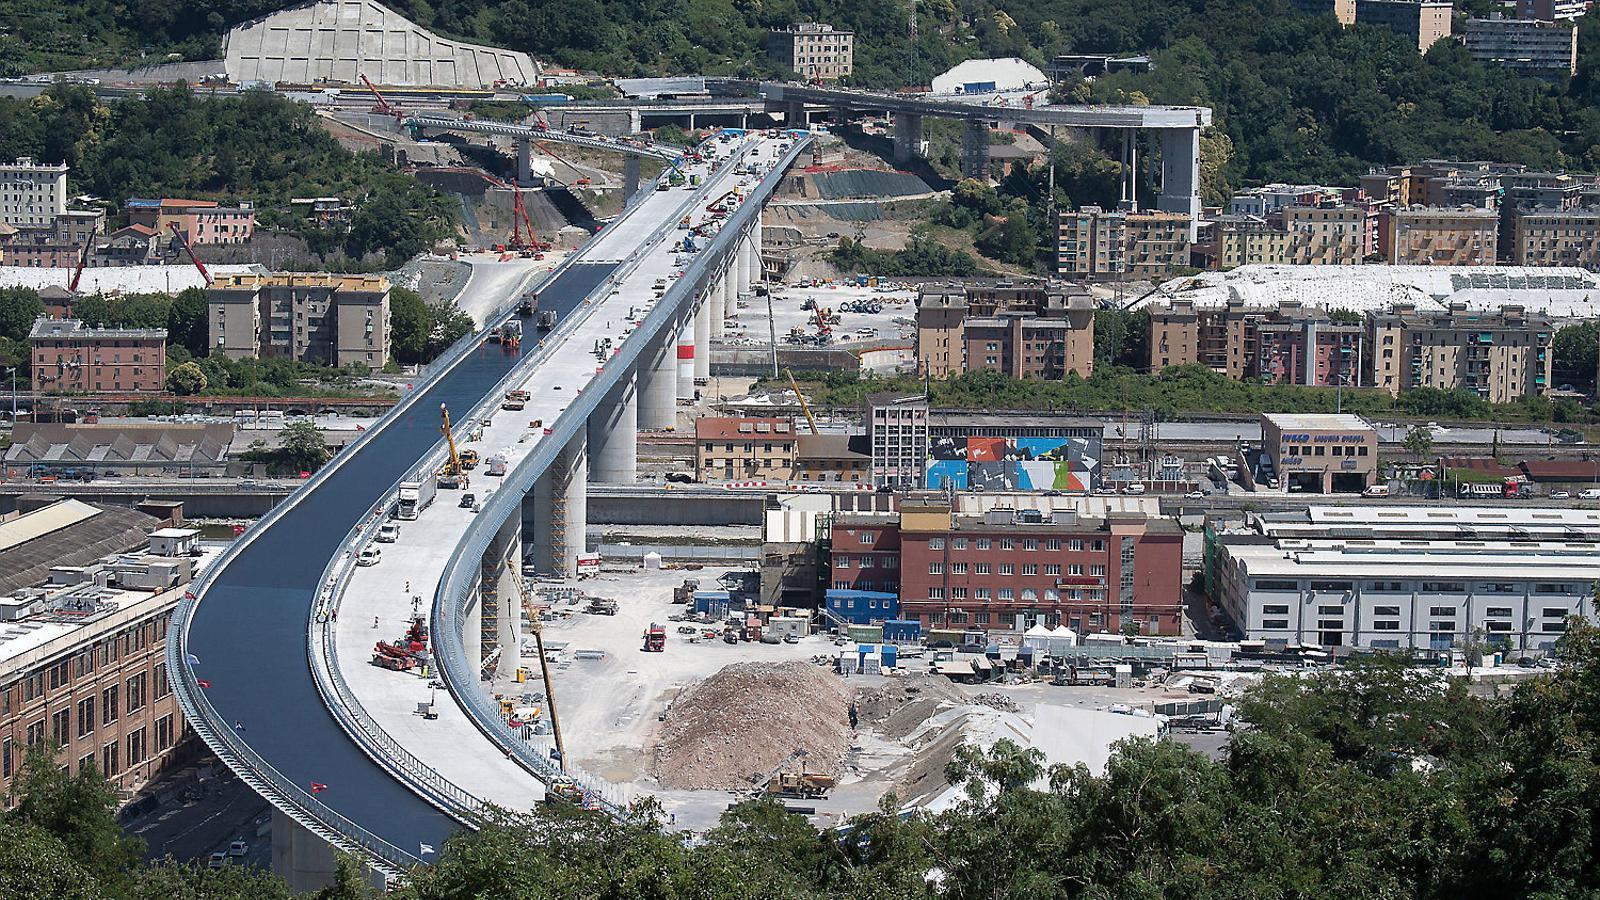 L'ensorrament del Pont Morandi va provocar la mort de 43 persones.